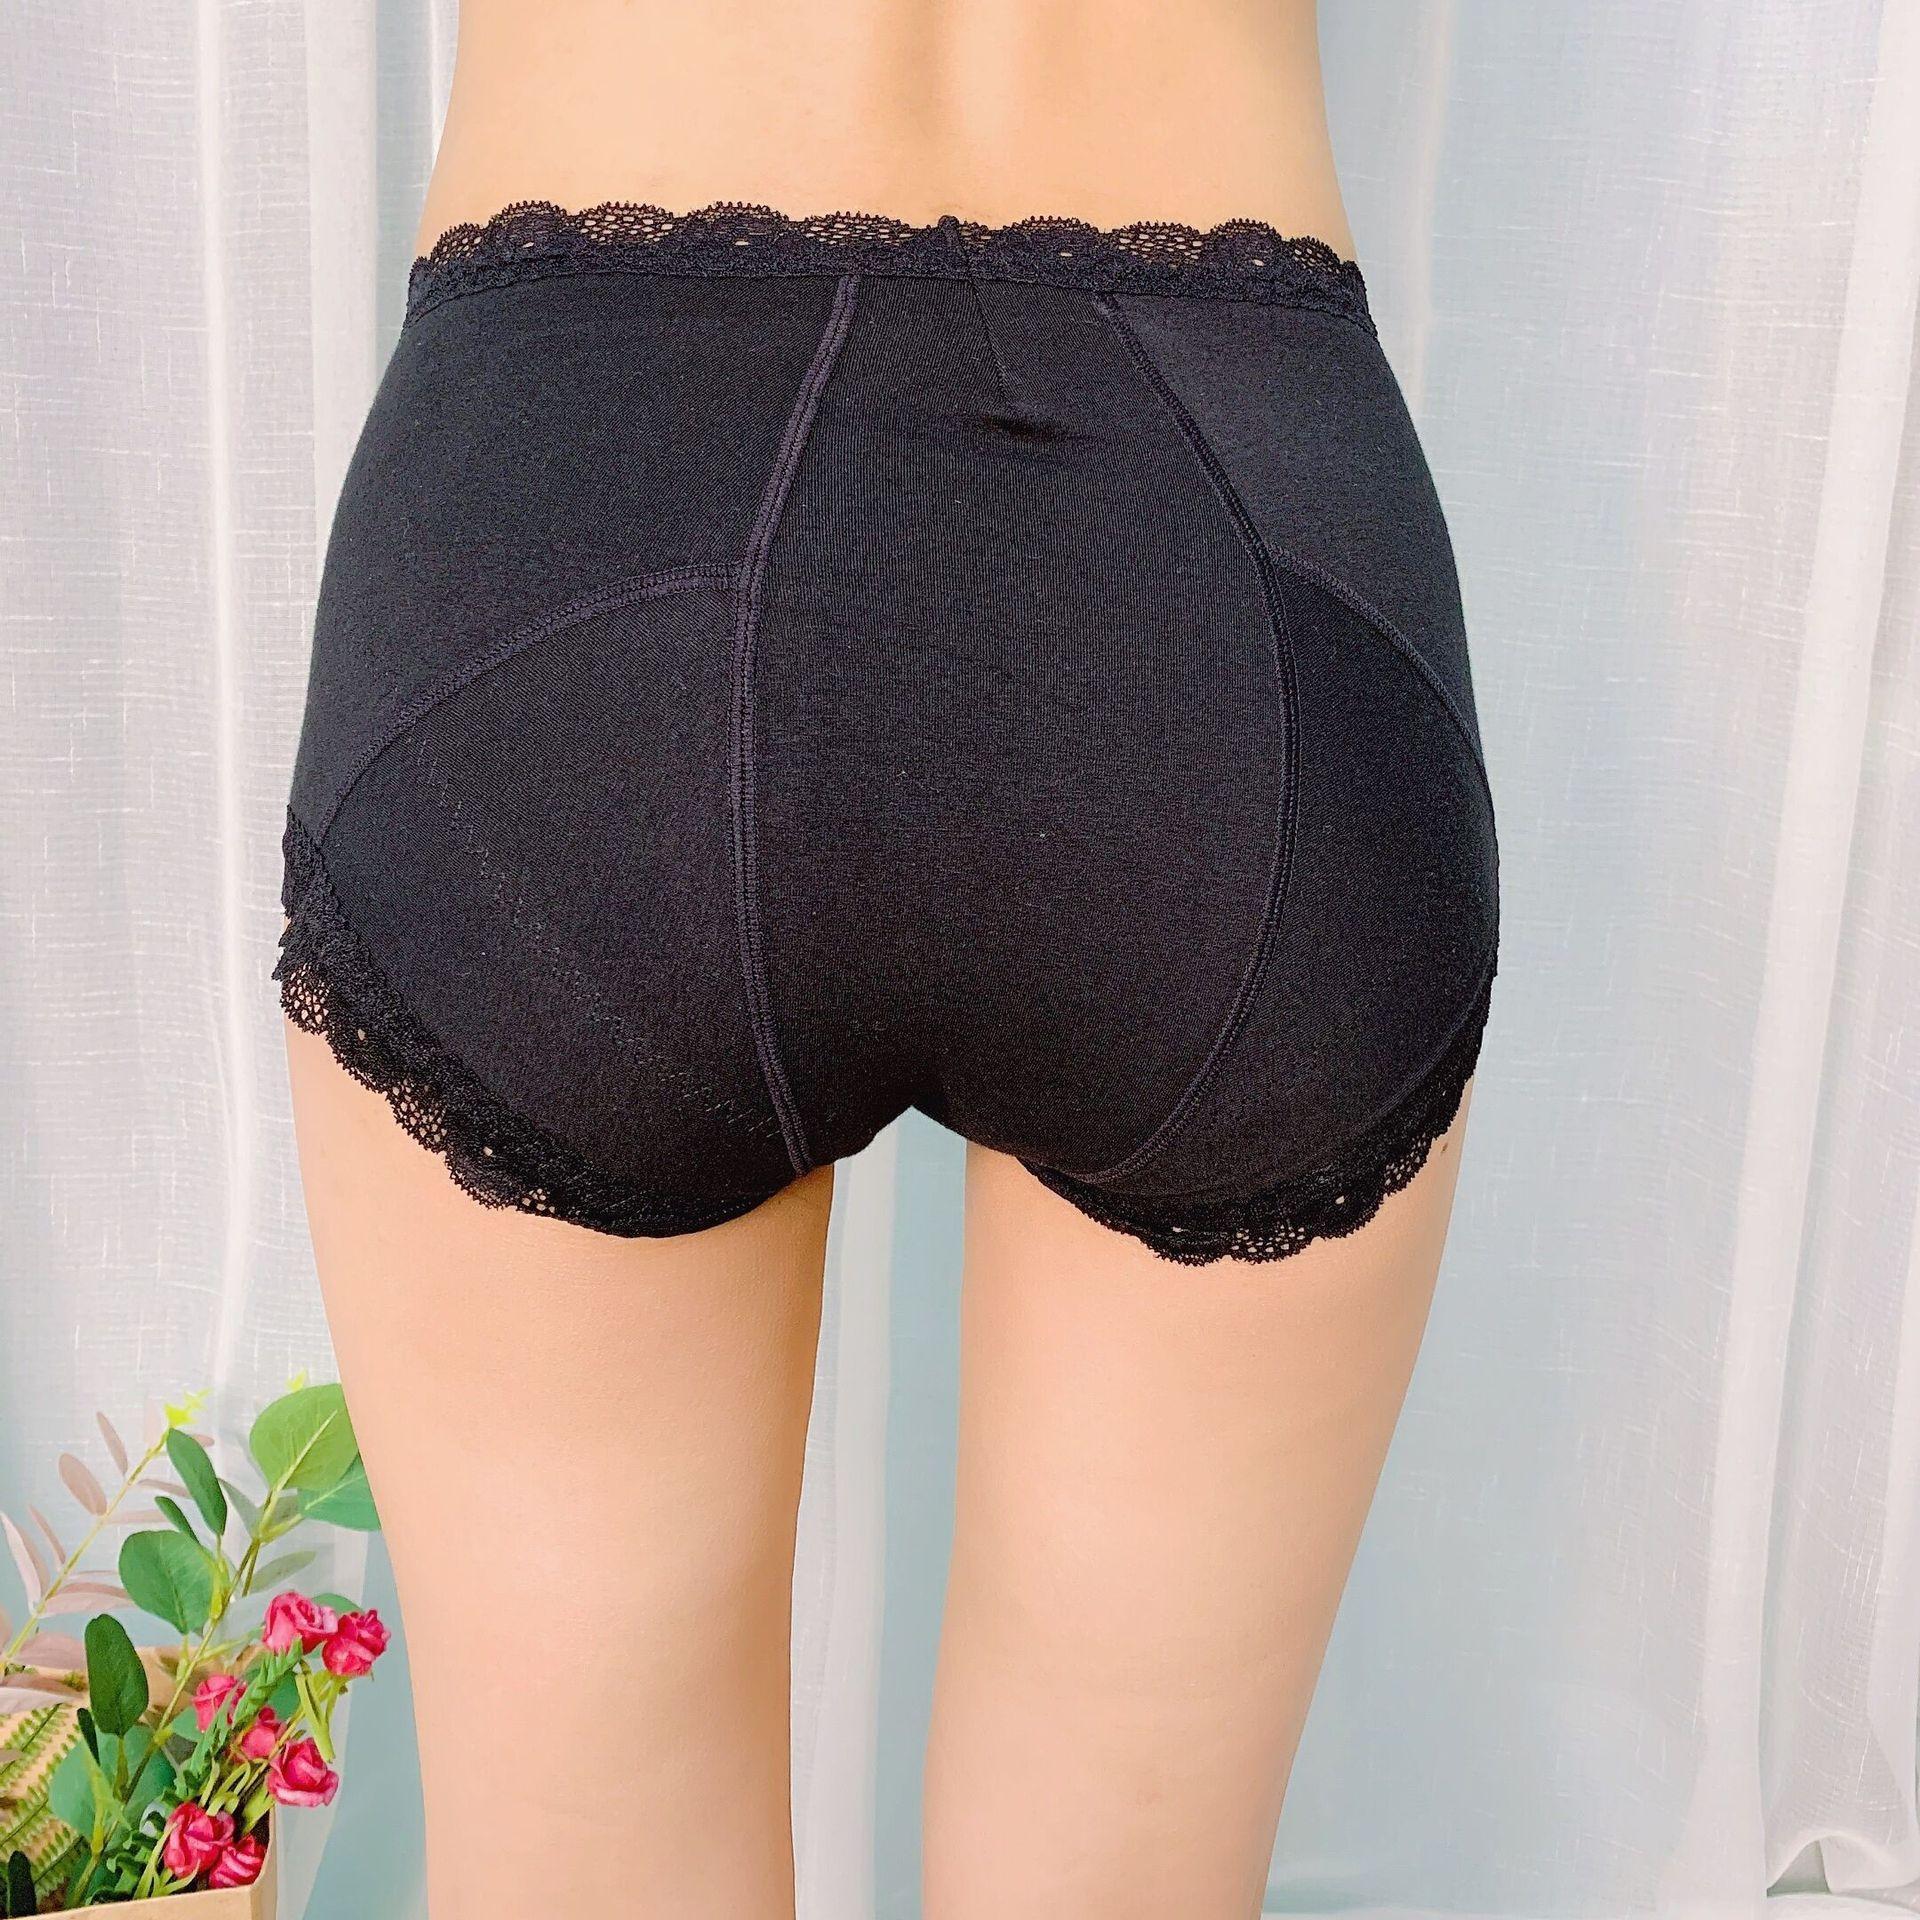 Graphene antibakterielle Magie Hosen der ersten Generation reiner Baumwolle Unterwäsche der Frauen Hip-Hebe Baumwolle Mitte Normallacks der Taille Unterhos und sh